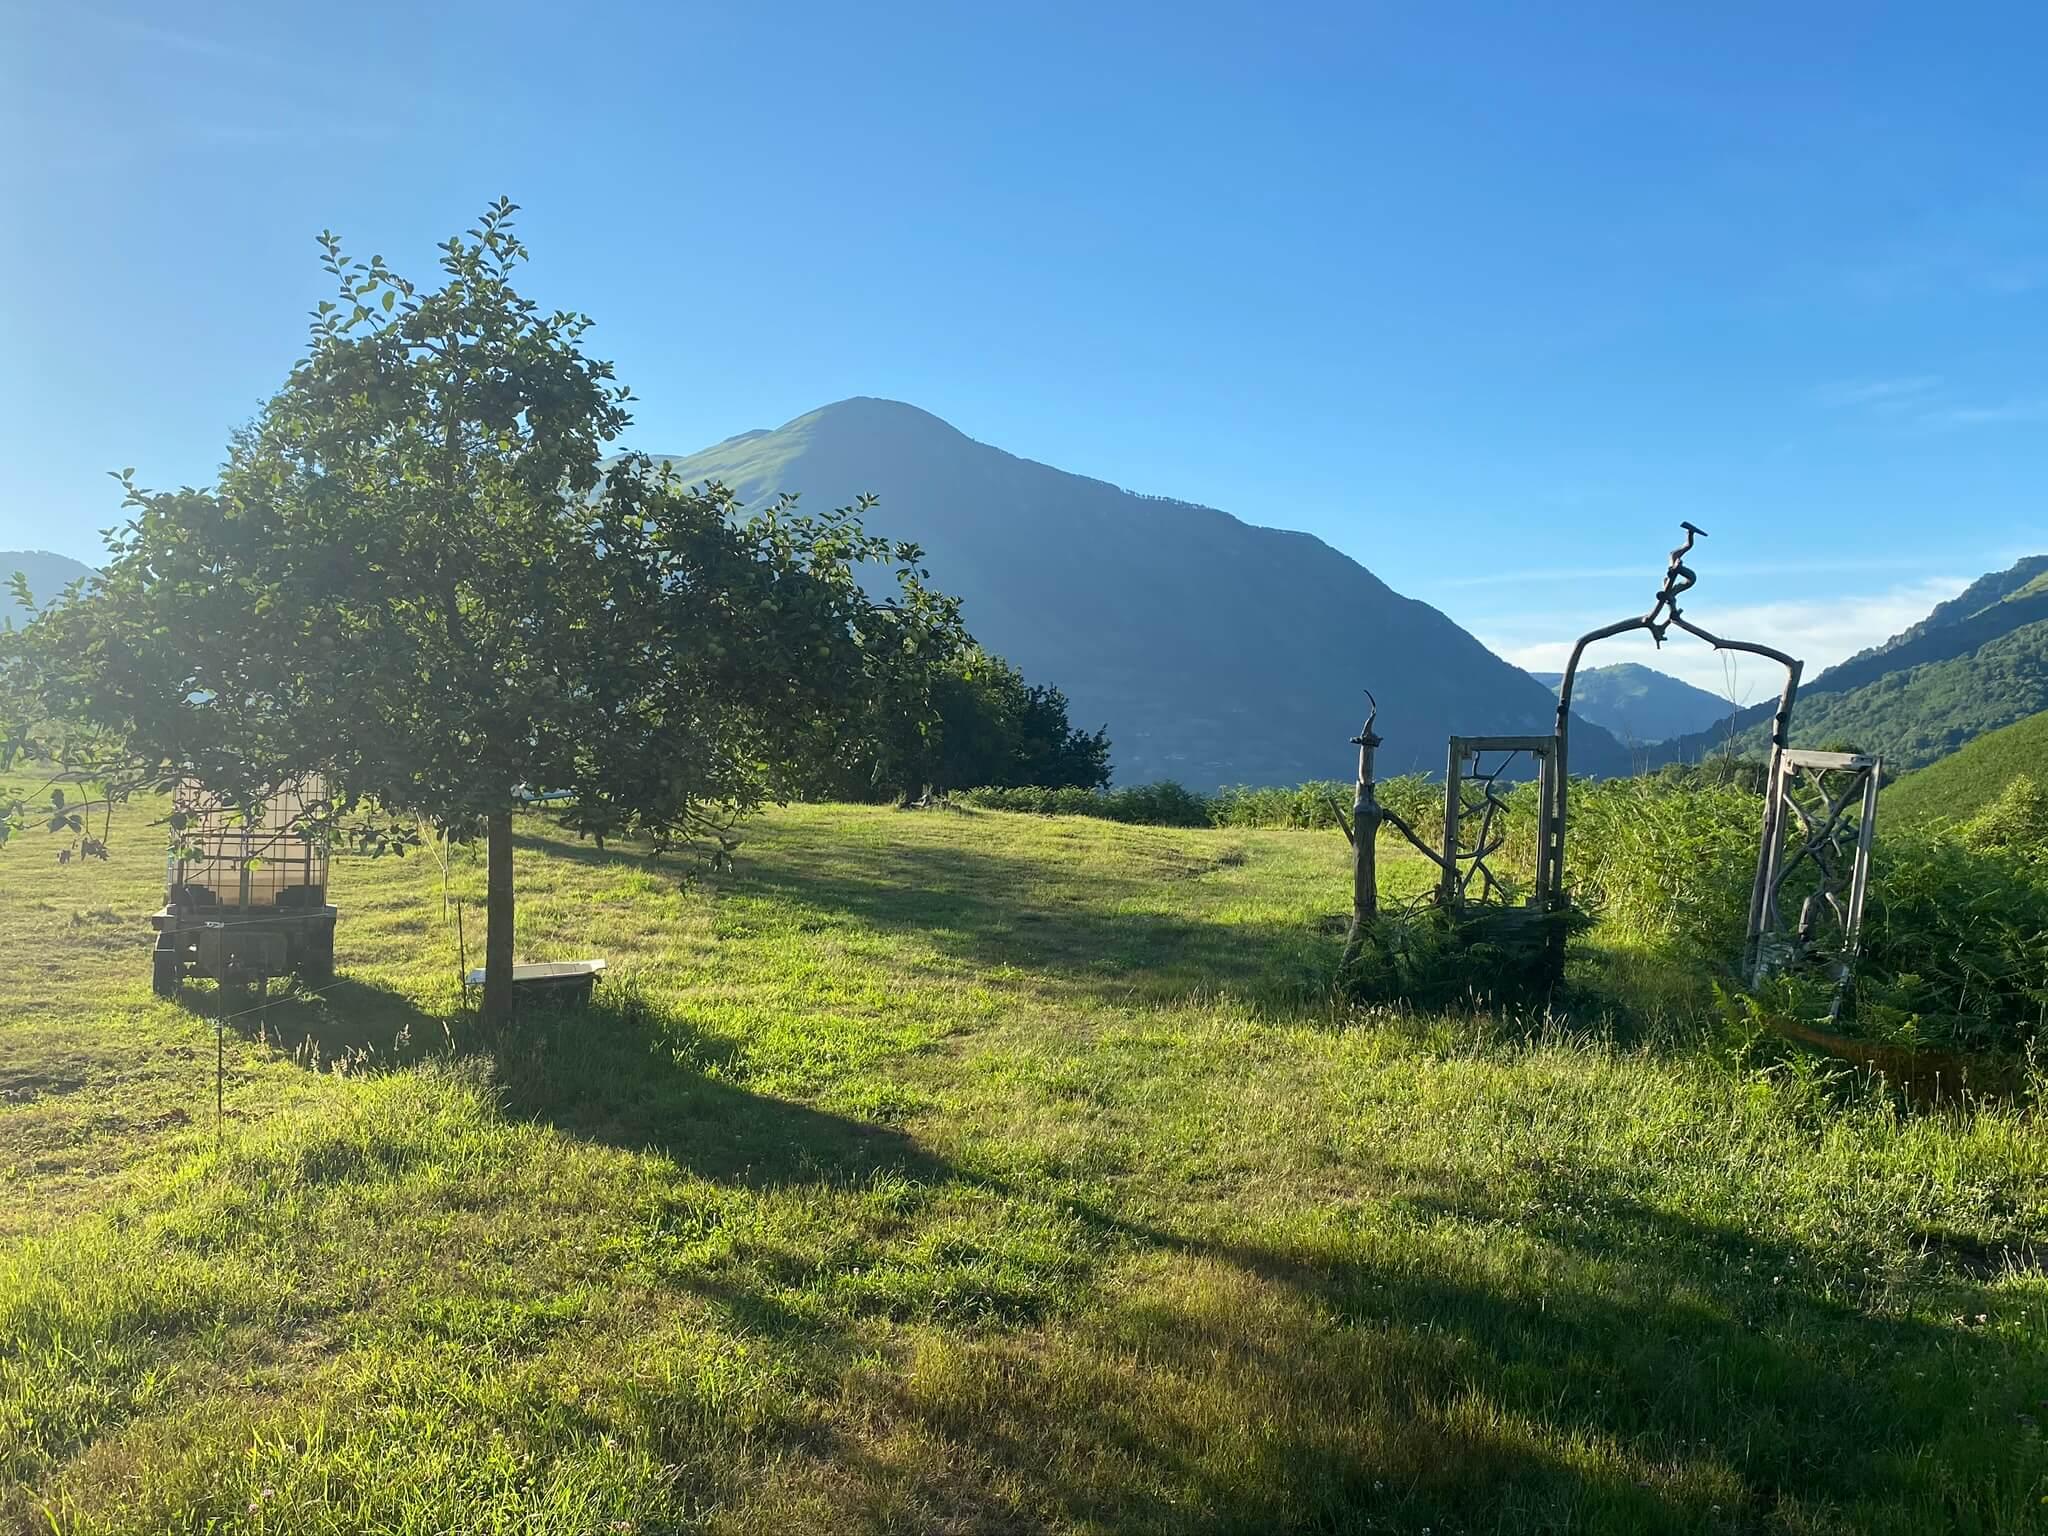 La montagne en arrière plan, c'est le Layens (1625 m)